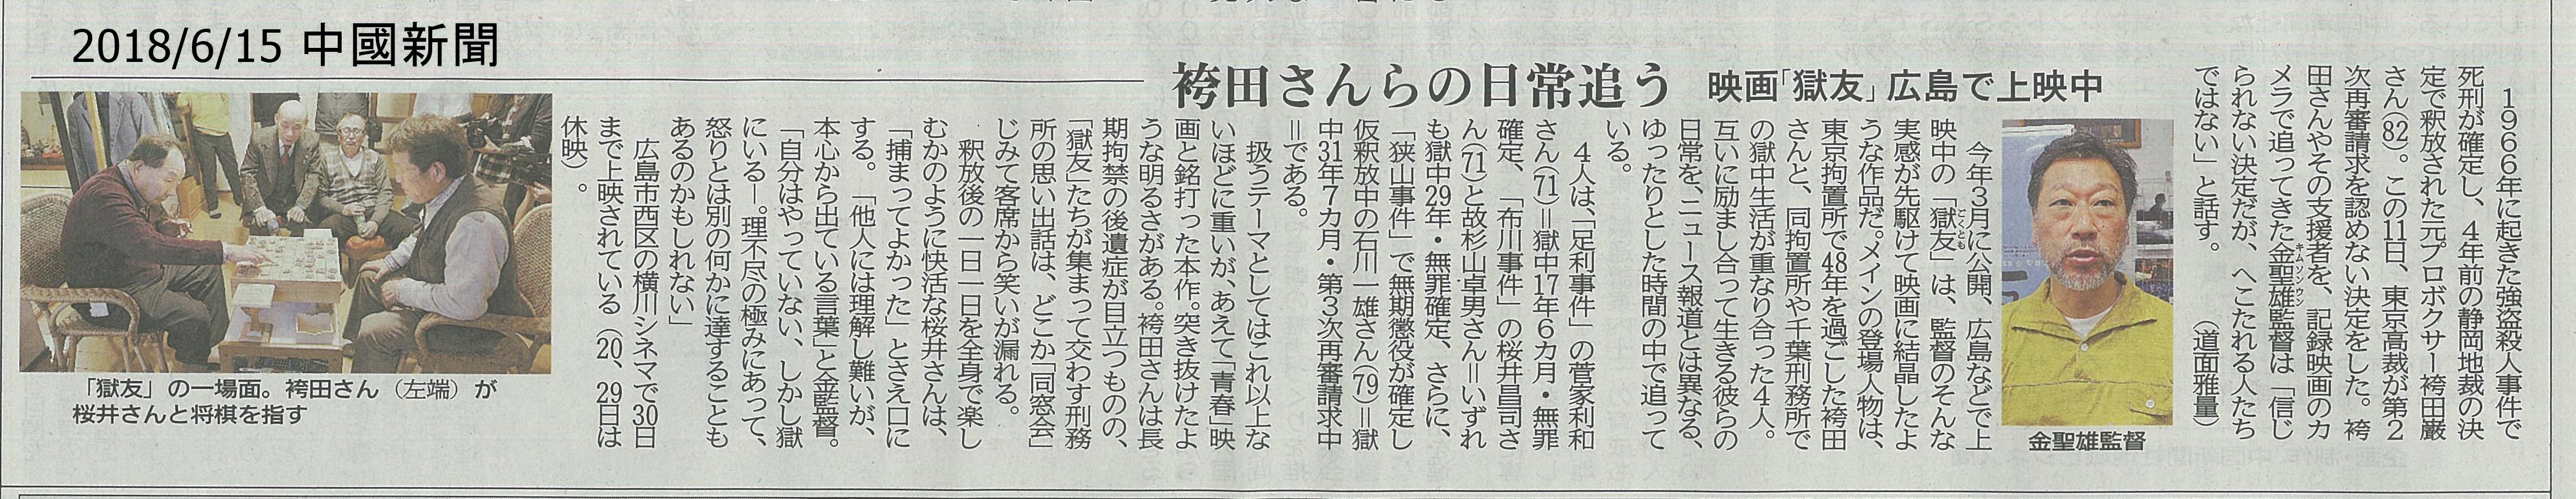 2018.6.15 中國新聞